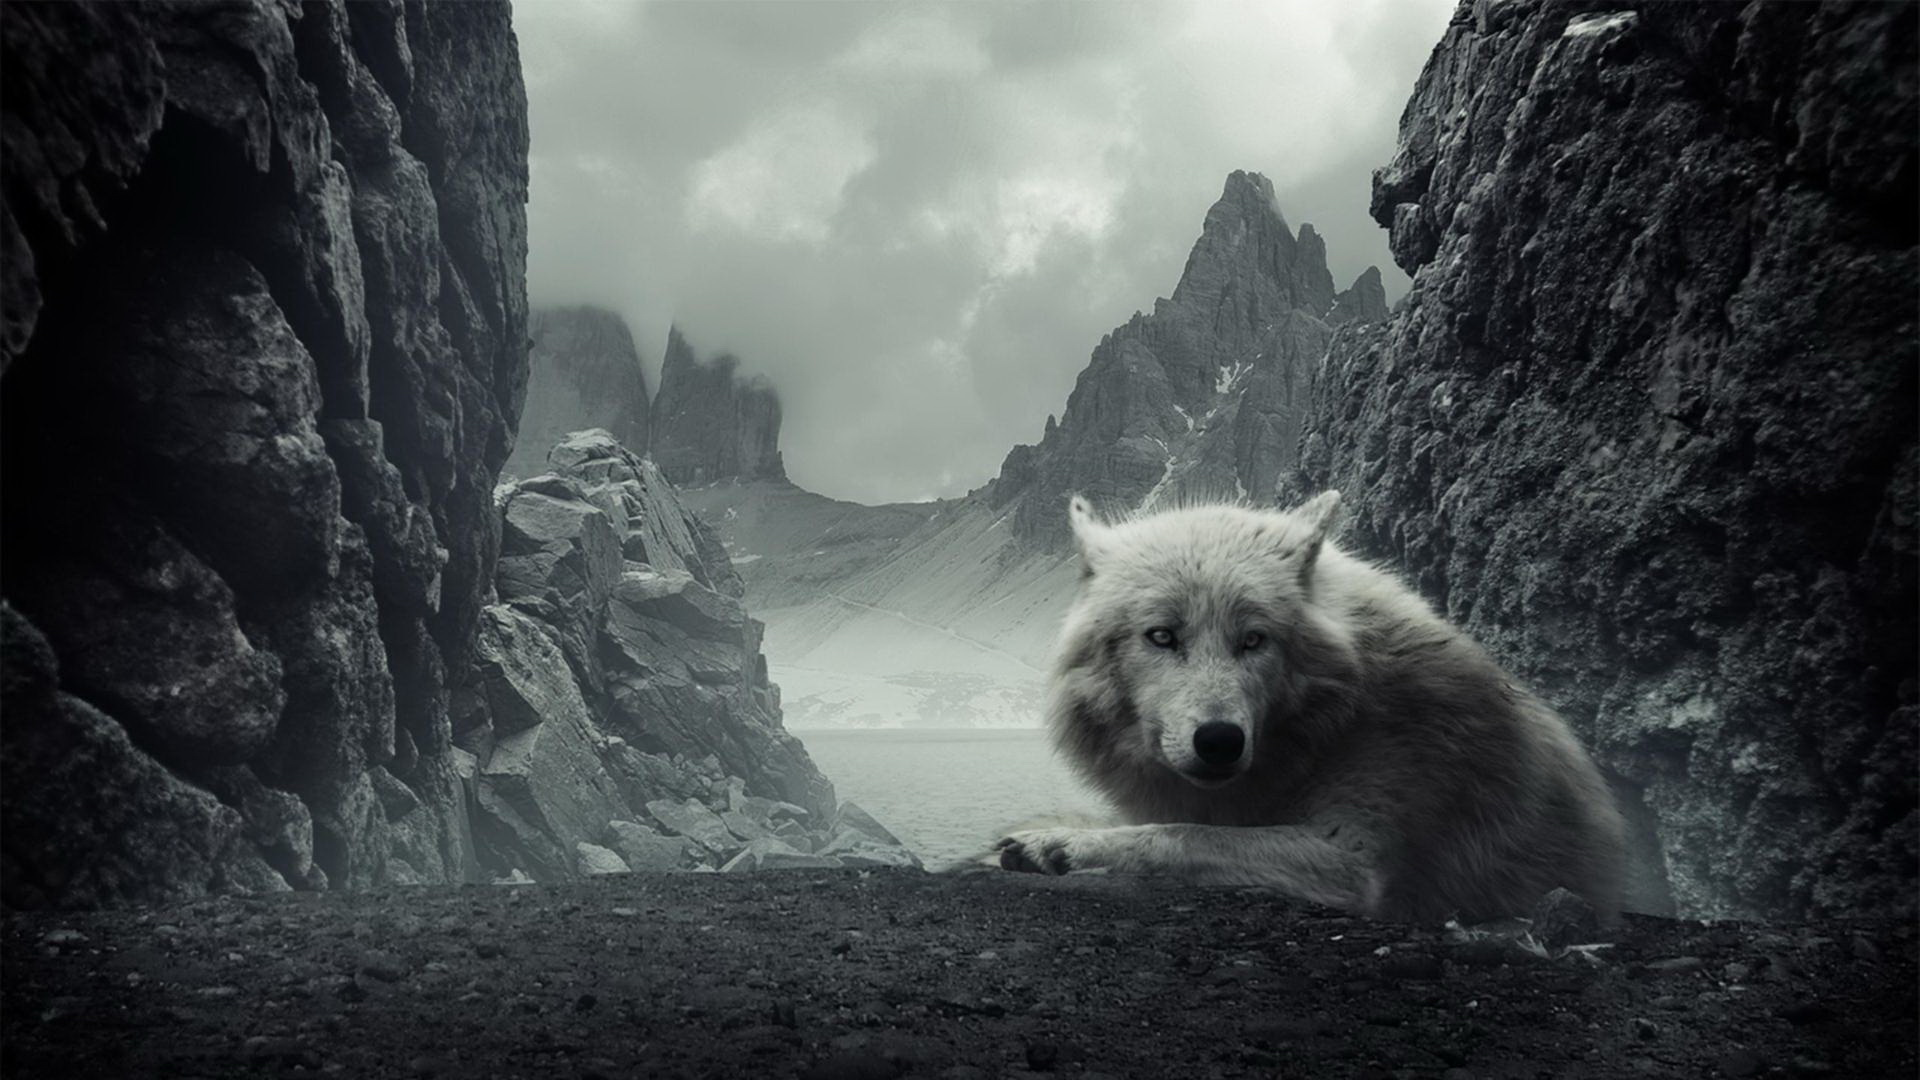 big bad wolves wallpaper - photo #44